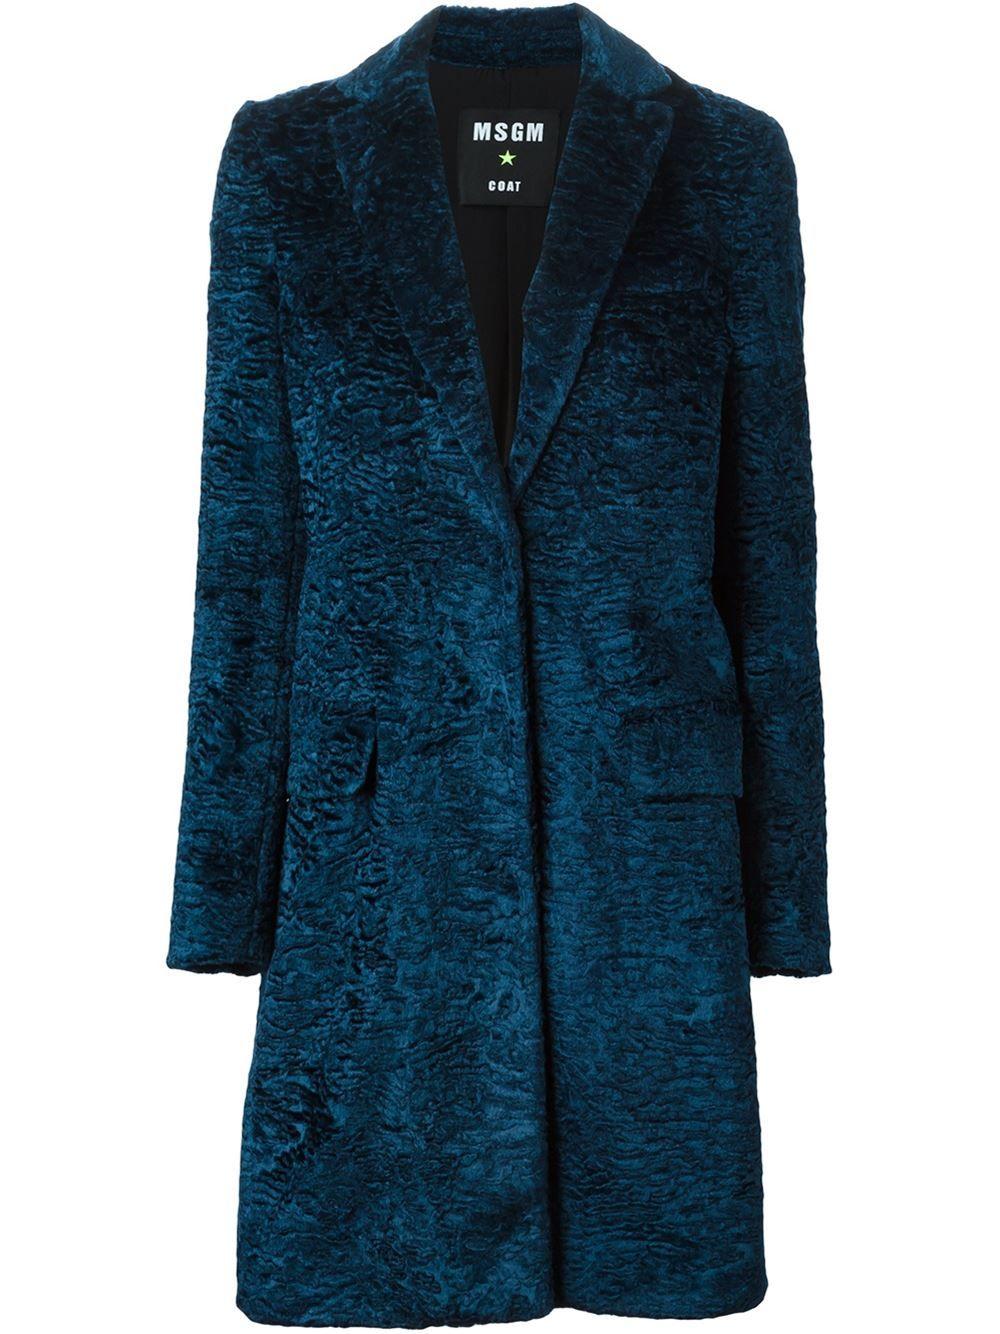 Msgm Astrakan Coat - Zoe Fashion